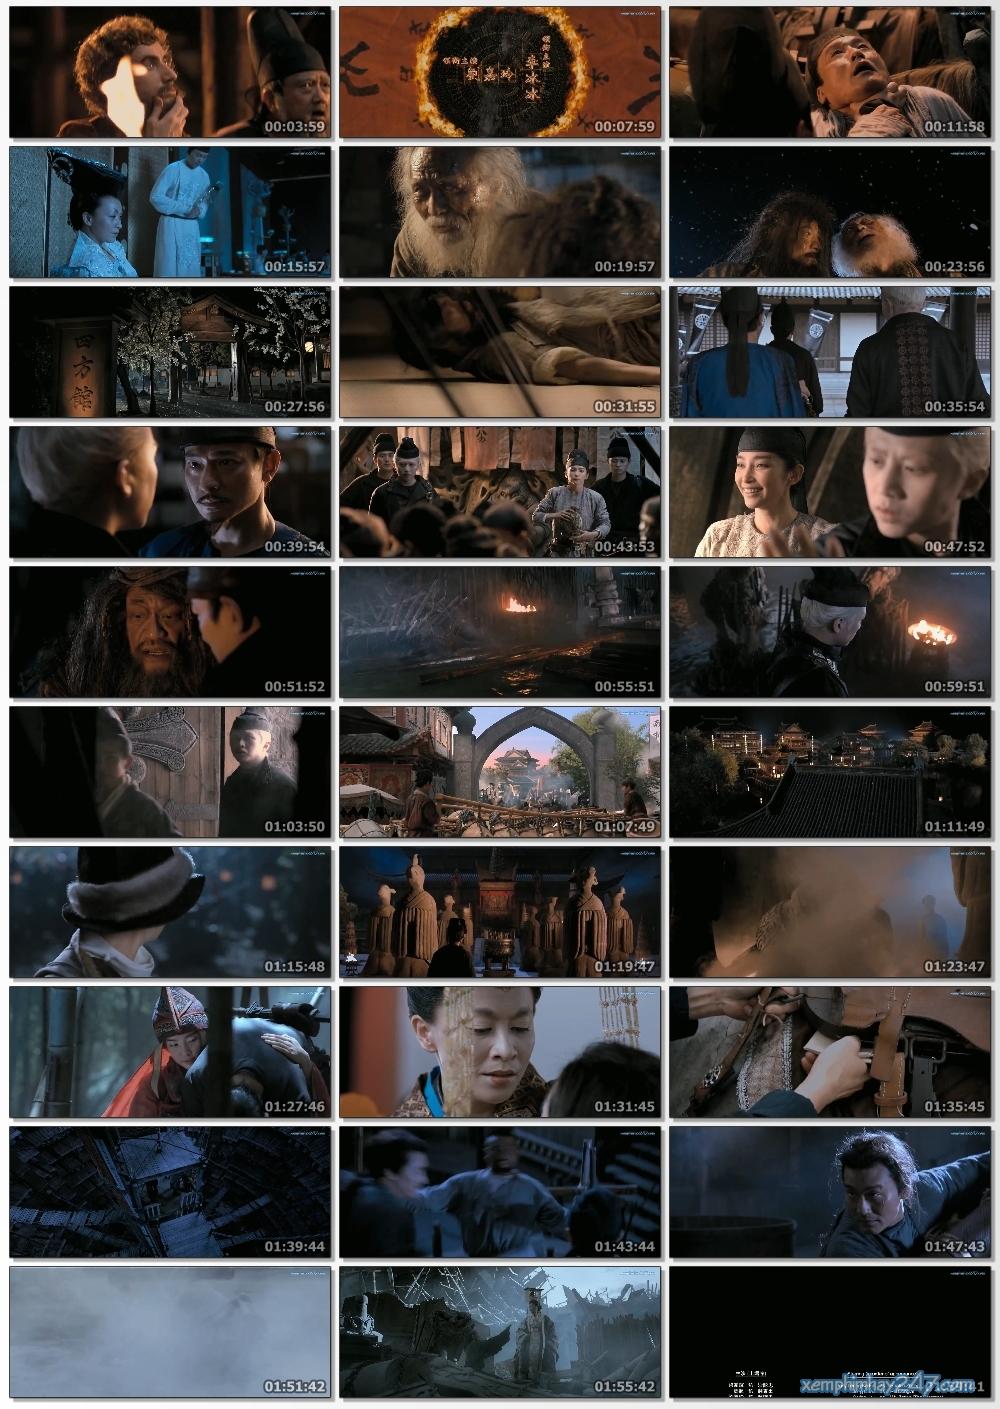 http://xemphimhay247.com - Xem phim hay 247 - Địch Nhân Kiệt: Bí Ẩn Ngọn Lửa Ma (2010) - Detective Dee And The Mystery Of The Phantom Flame (2010)